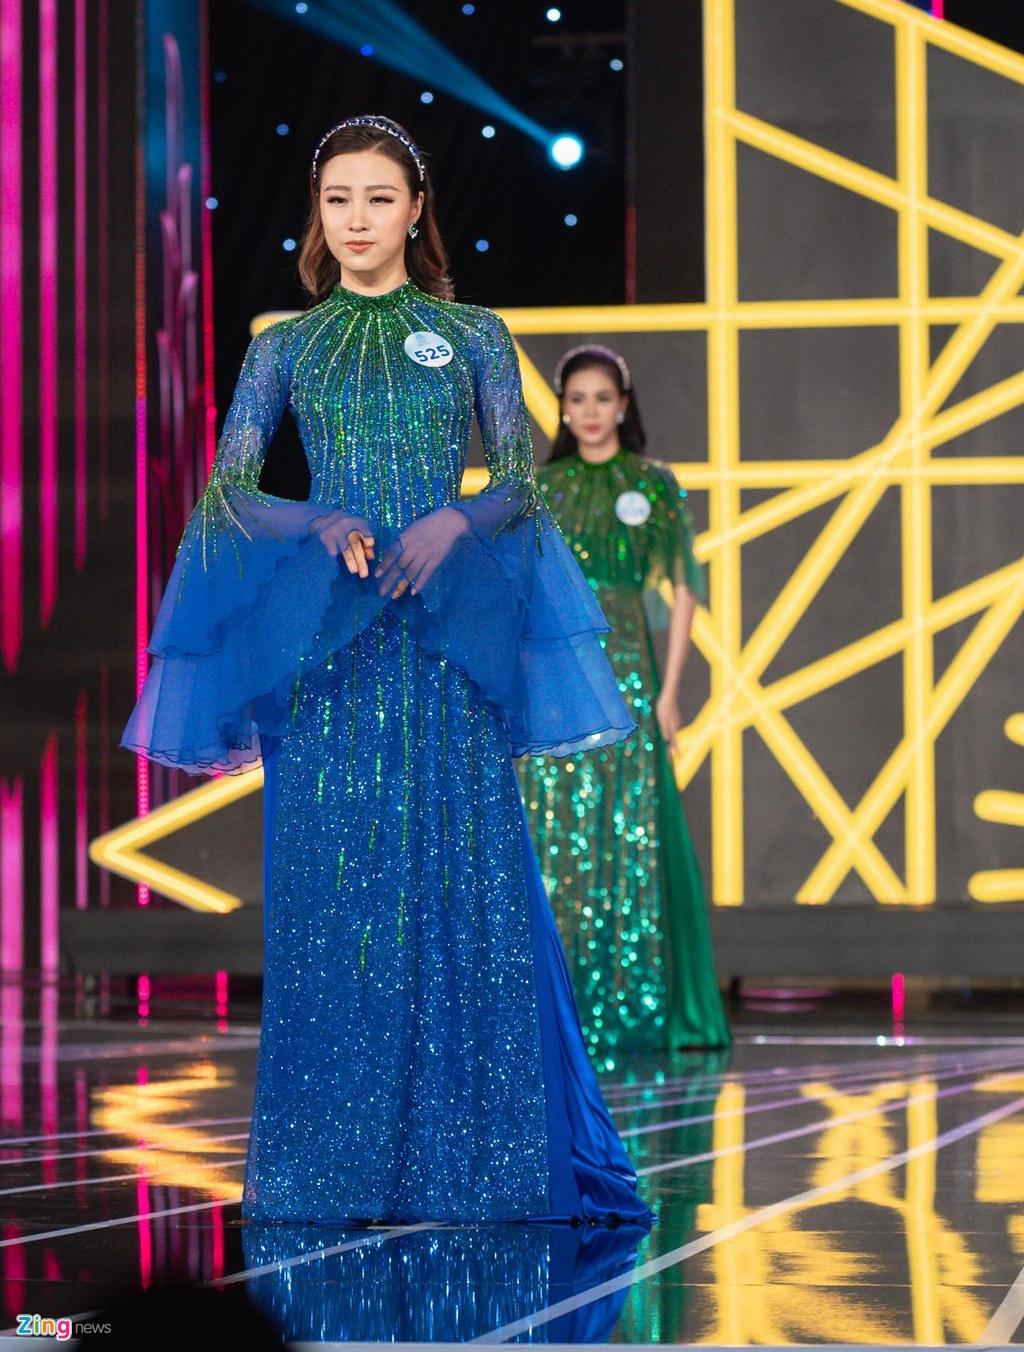 Nguoi dep Hoa hau The gioi Viet Nam 2019 khoe hinh the voi bikini hinh anh 8